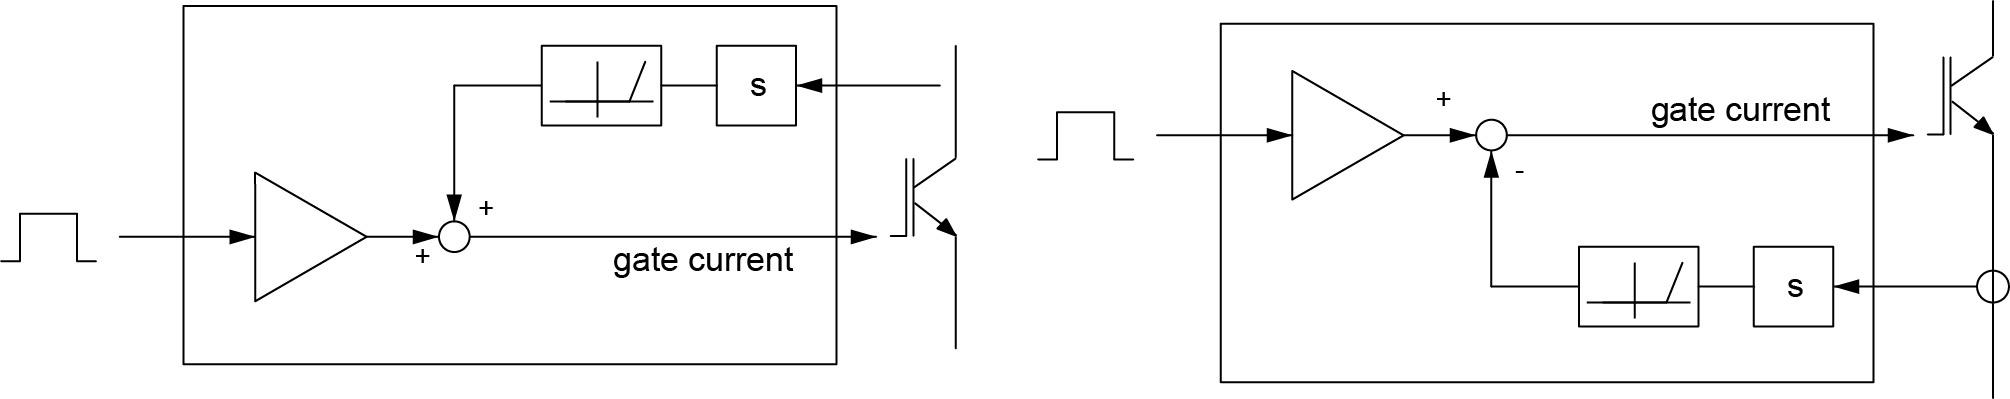 Прямой динамический контроль dv/dt и di/dt